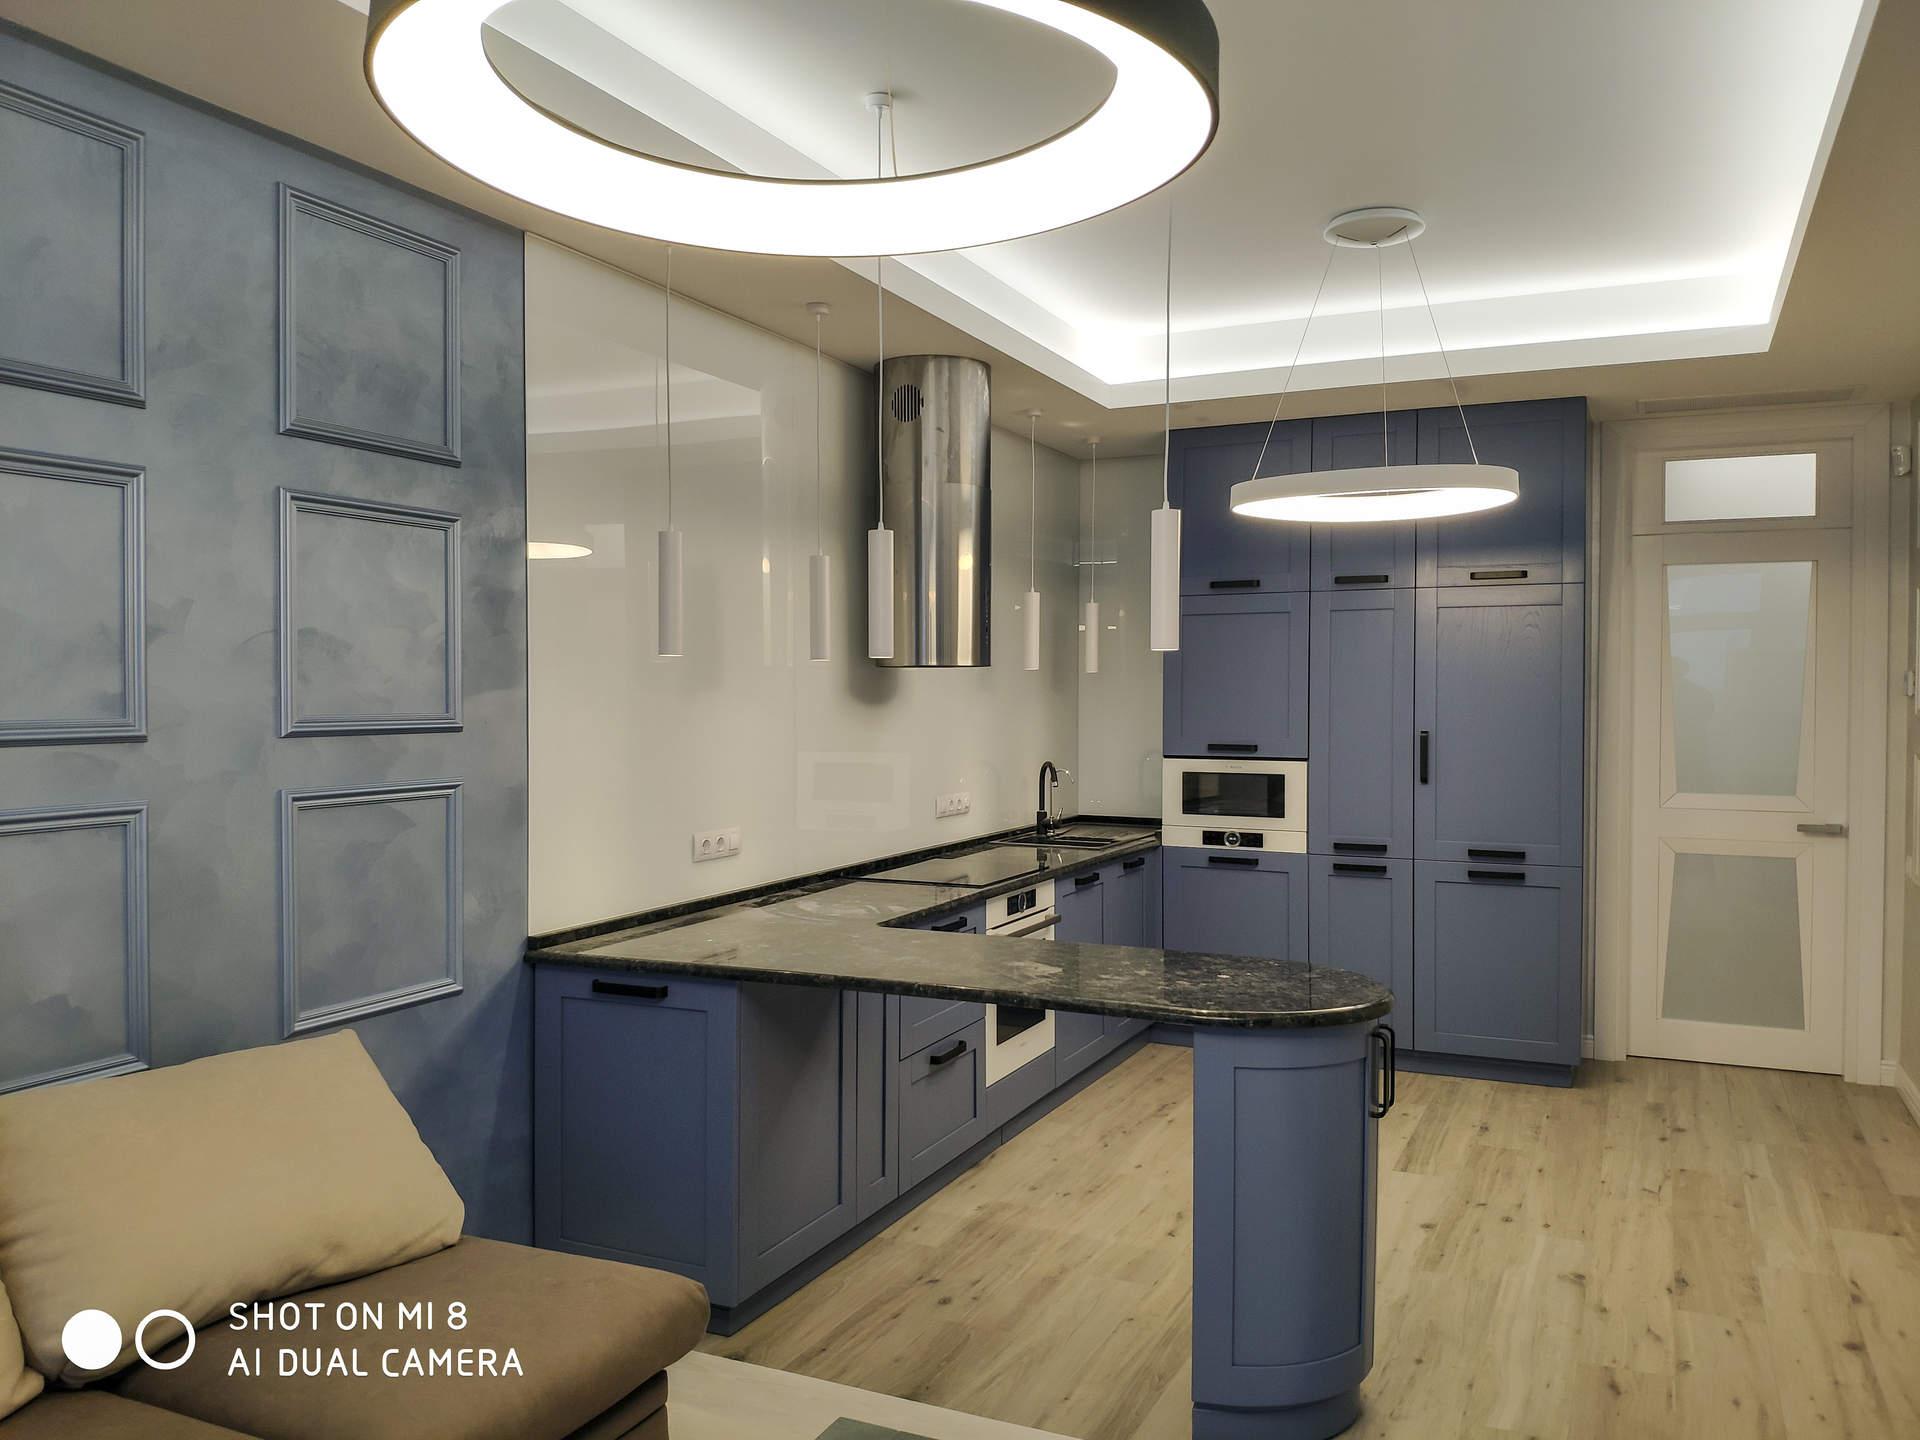 Ремонт в ЖК Альтер-Эго дизайн интерьера до после фото